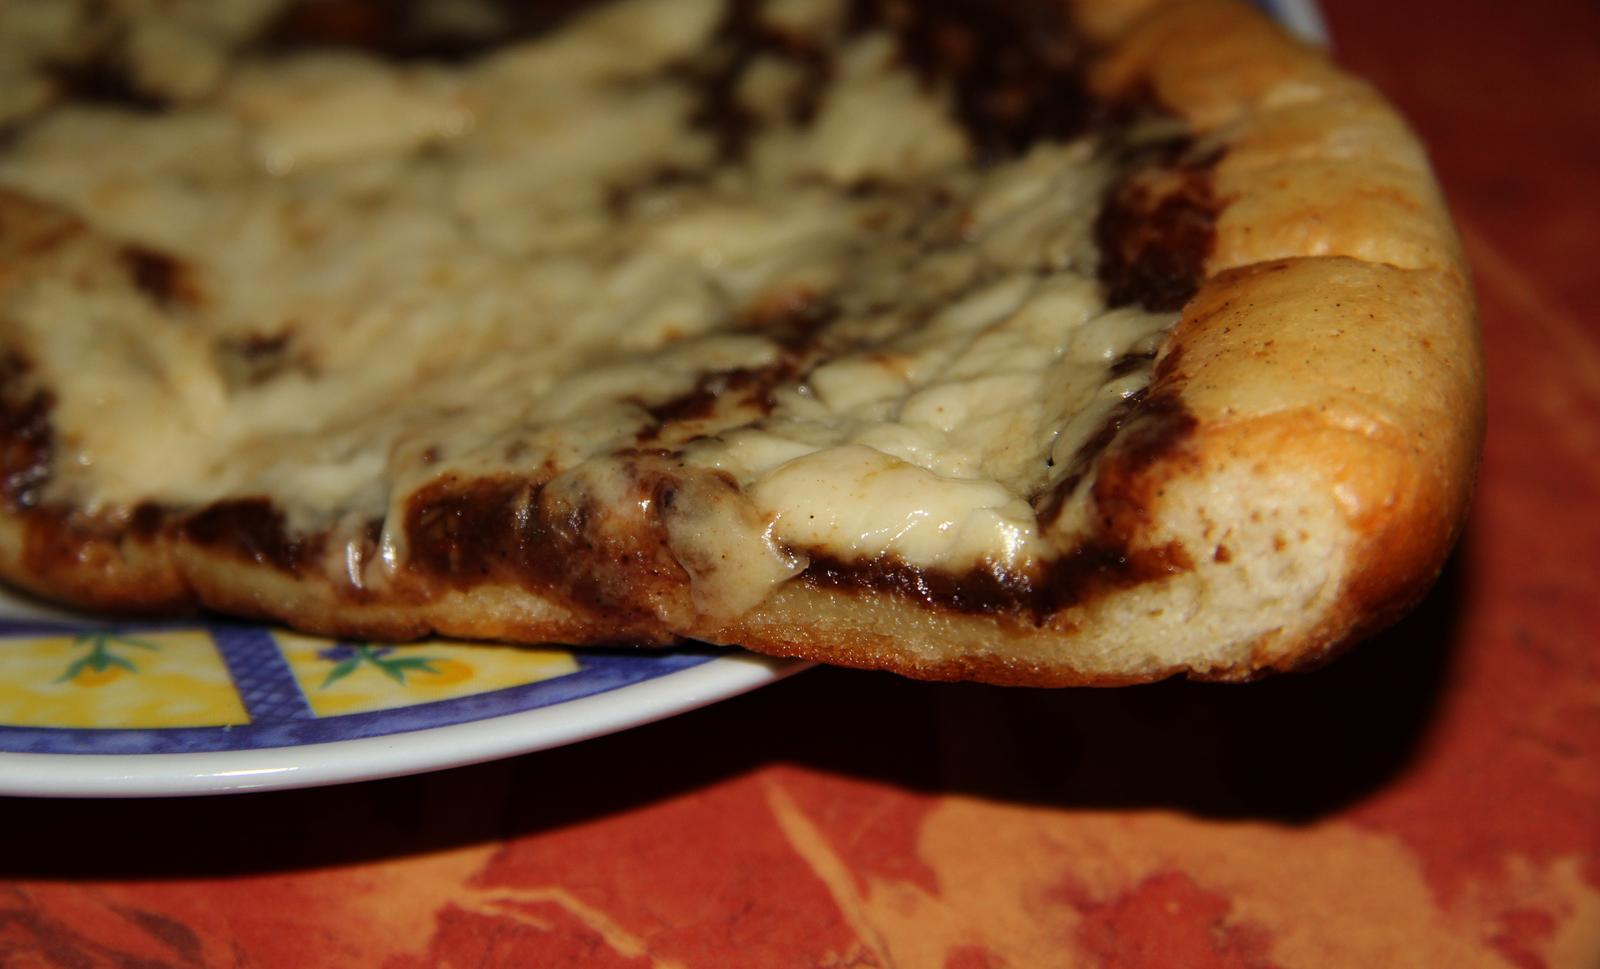 Degustační požitek - Hruškový frgálek, výborná snídaně, znala jsem jen makový a povidlový, takže tato příchuť mile překvapila